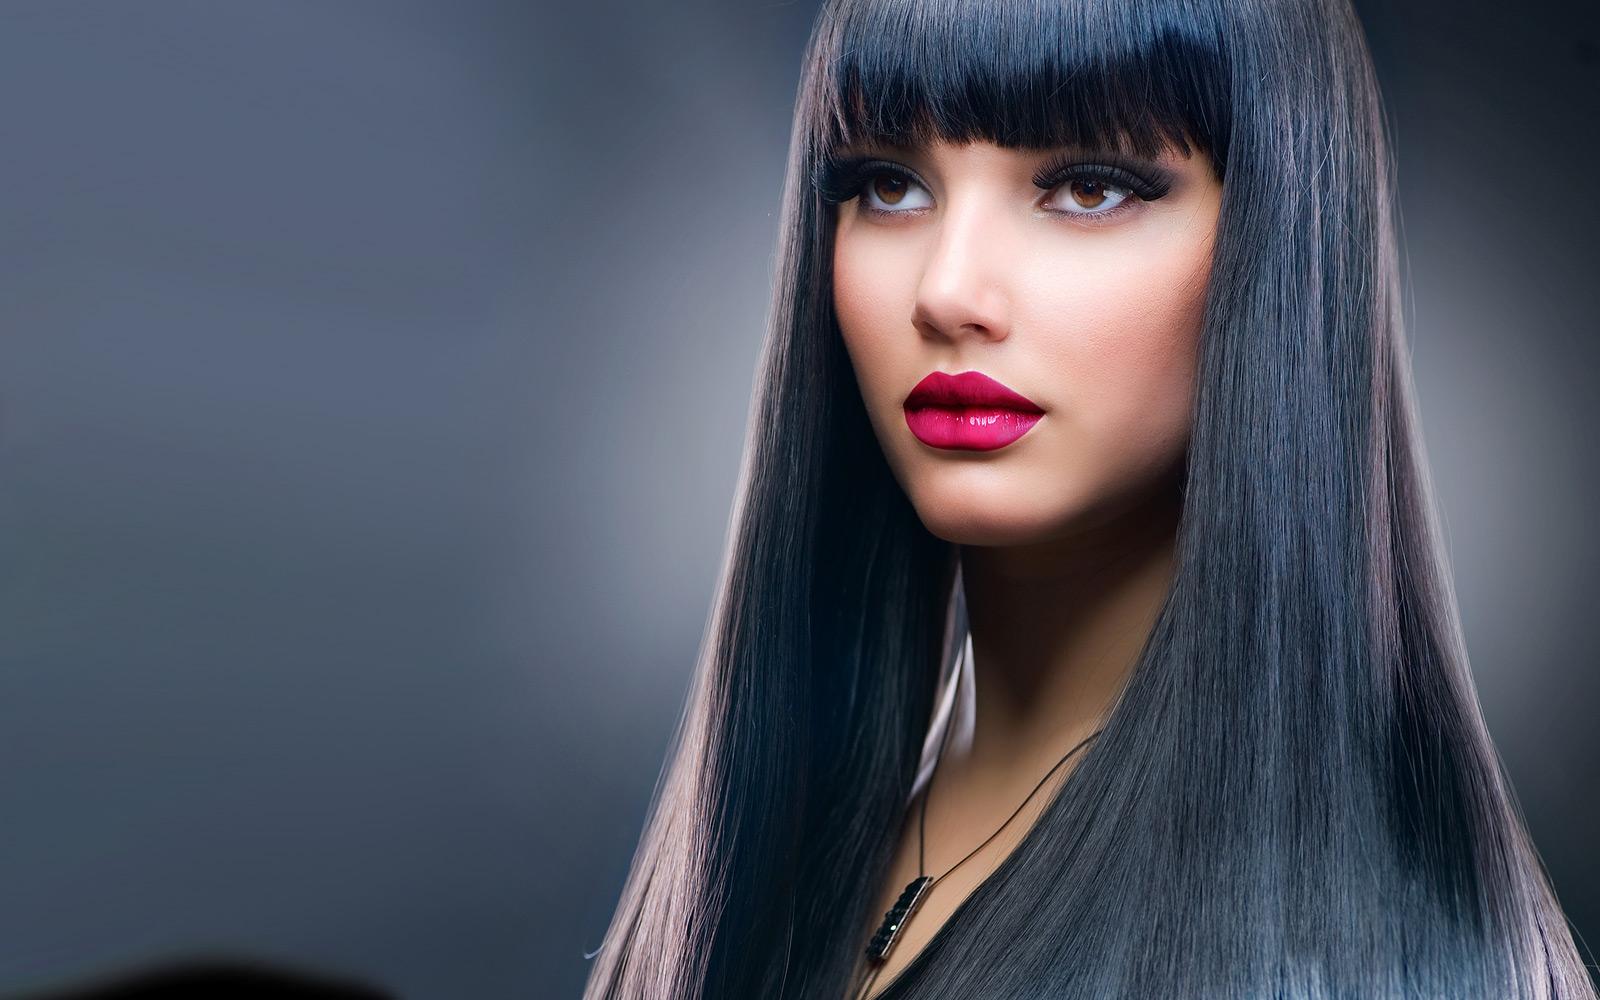 с шикарными волосами онлайн брюнетка